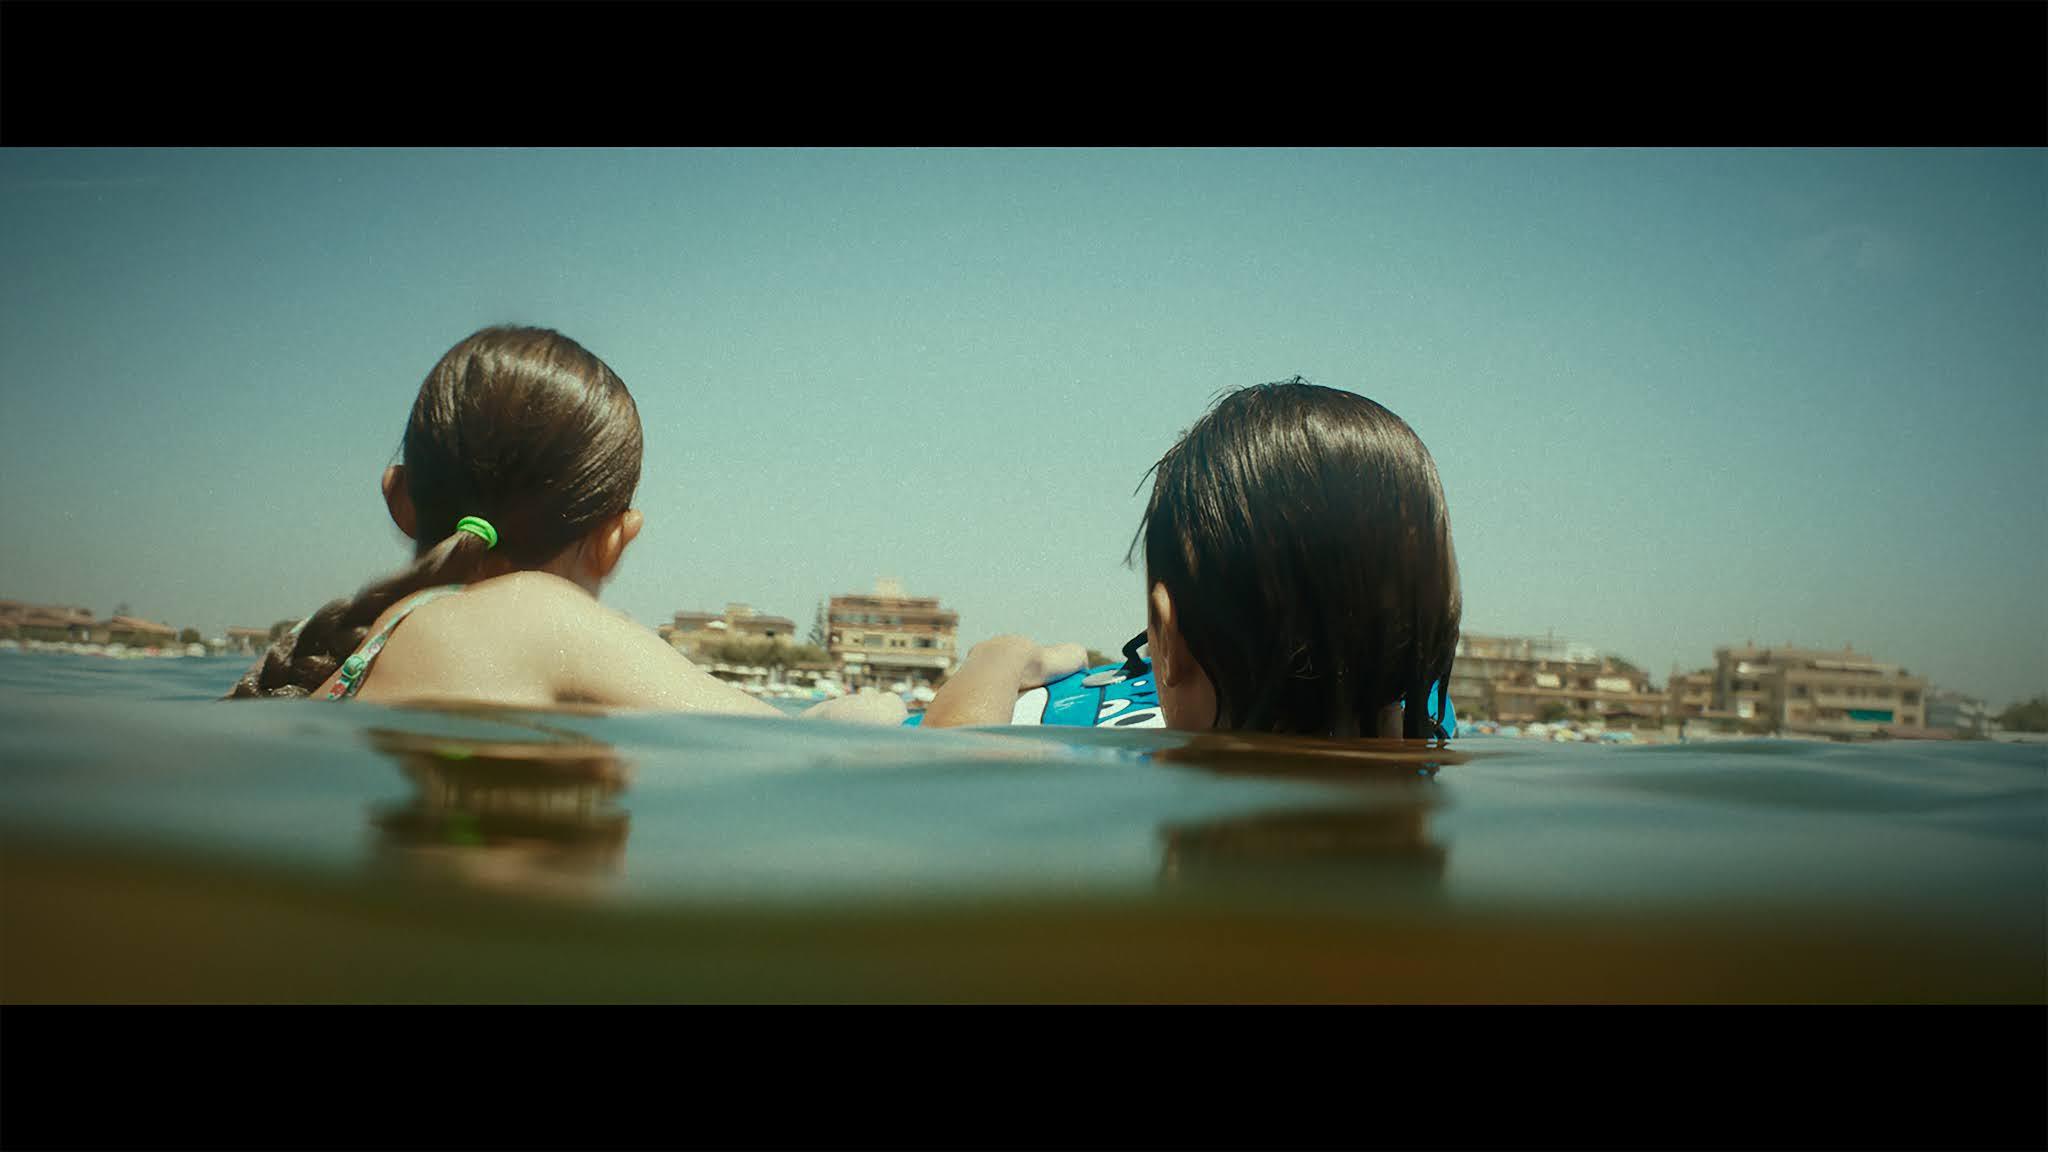 Film Storia di Vacanze, Favolacce